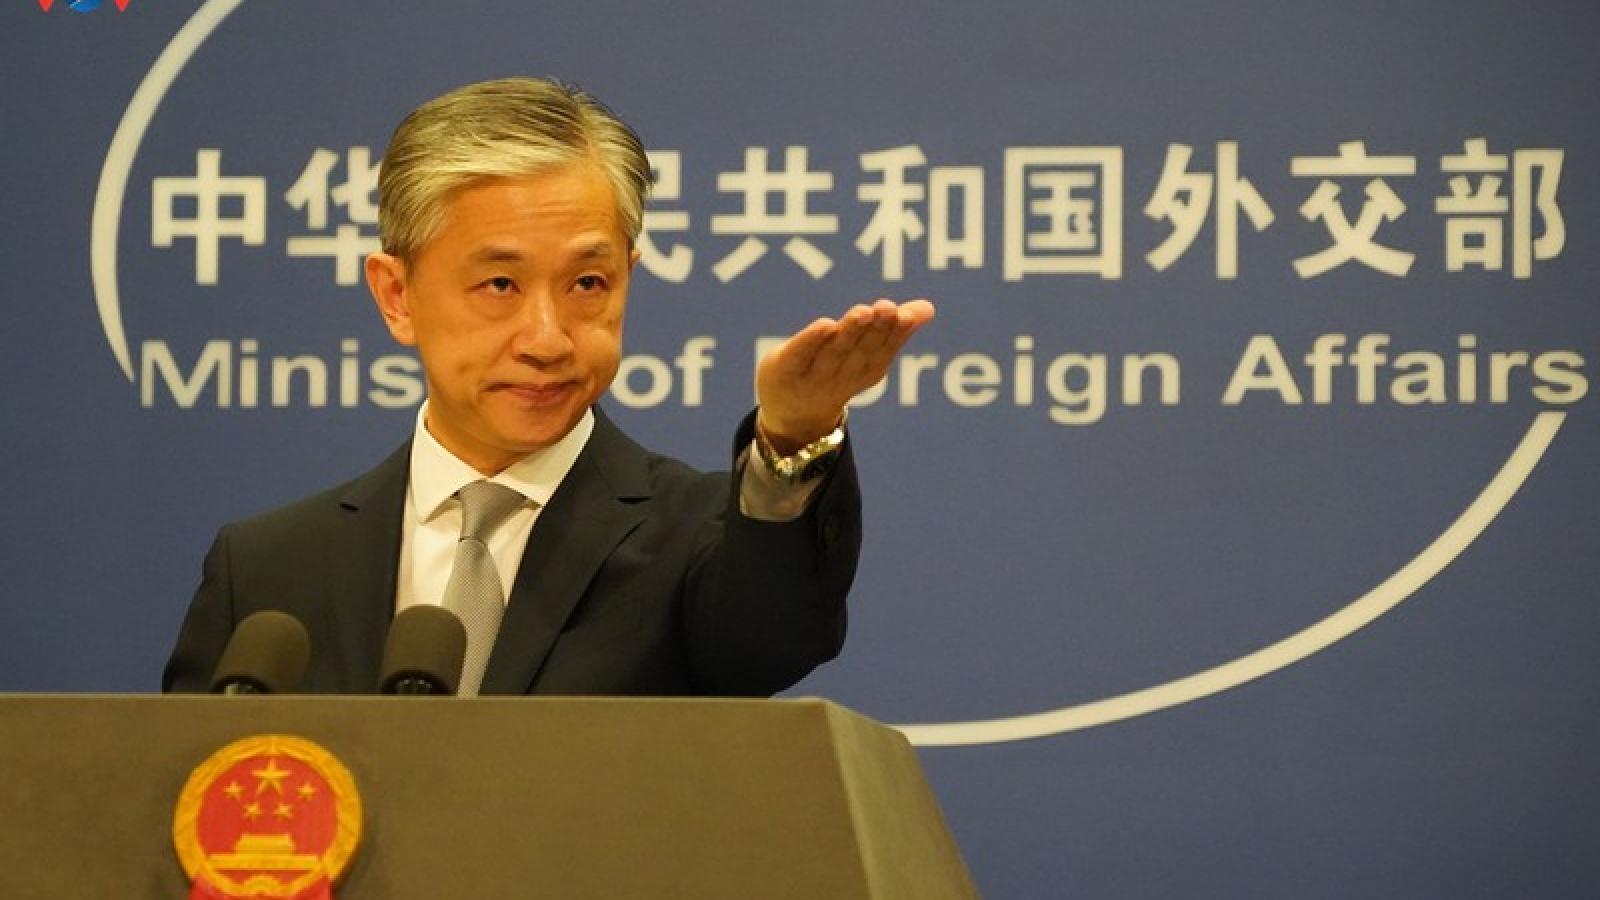 Trung Quốc sẽ trả đũa nếu Mỹ không gia hạn visa cho phóng viên nước này ở Mỹ